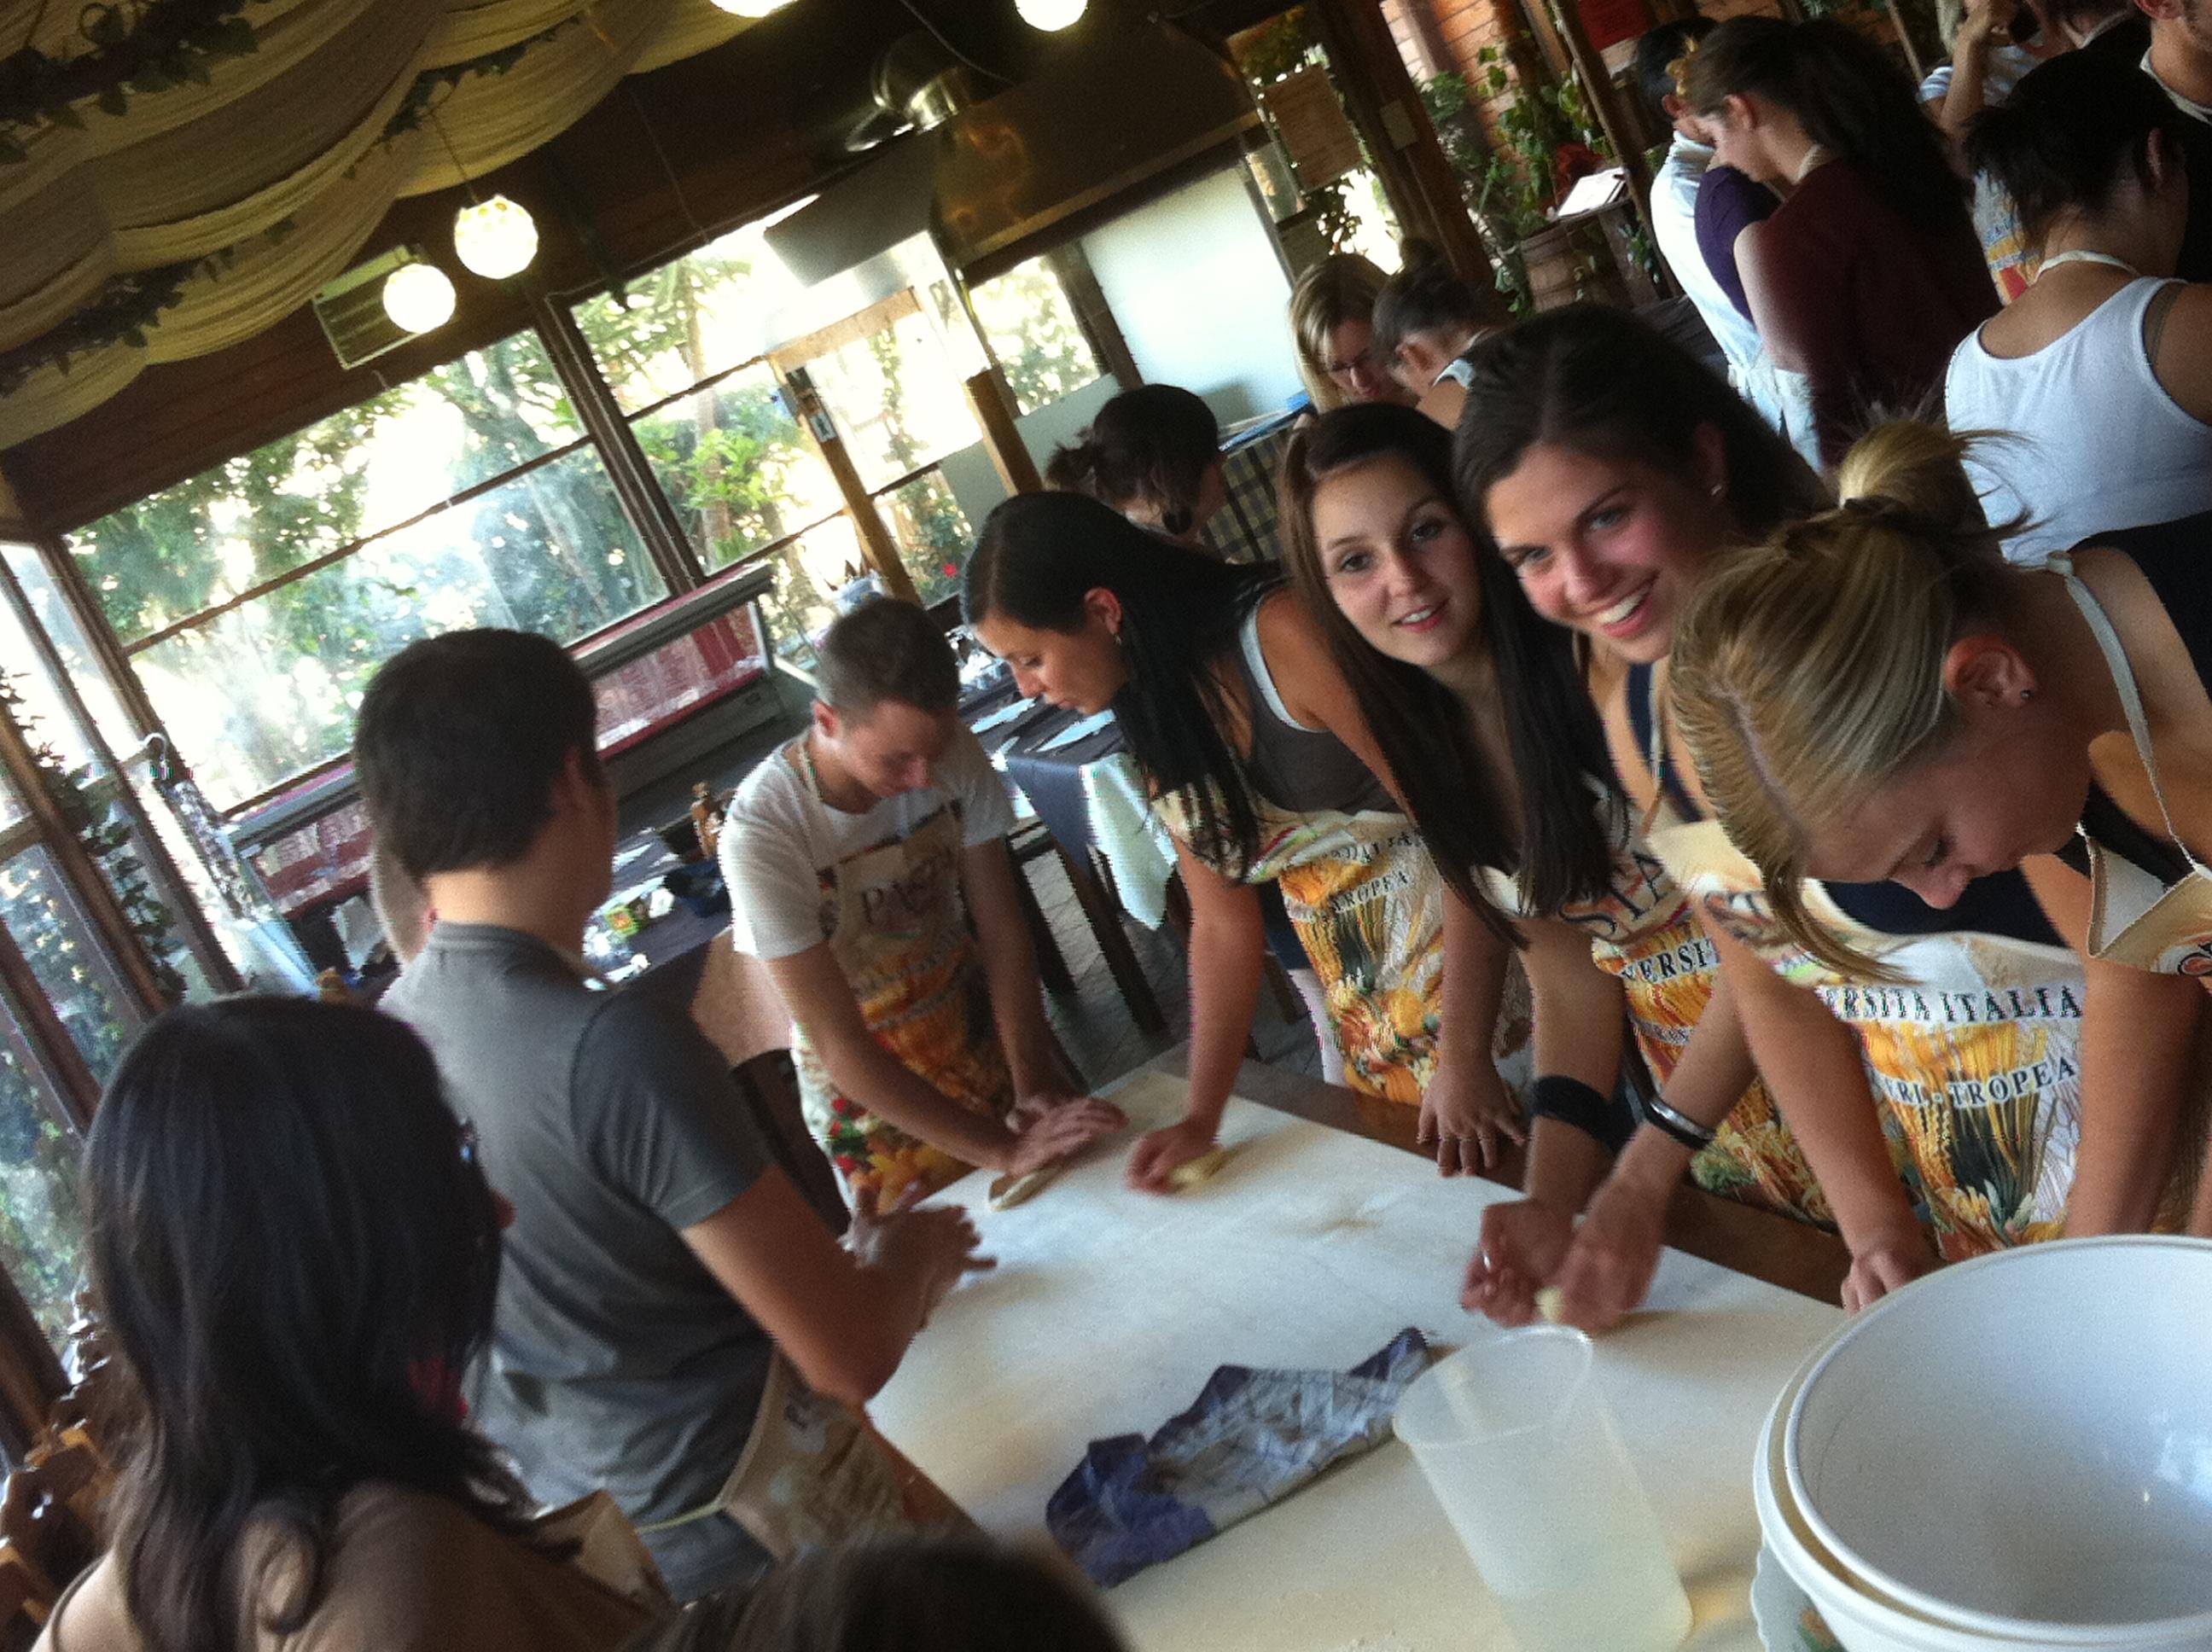 Scuola Di Lingua Italiana Tropea Corsi Di Cucina Calabrese Piccola Universita Italiana